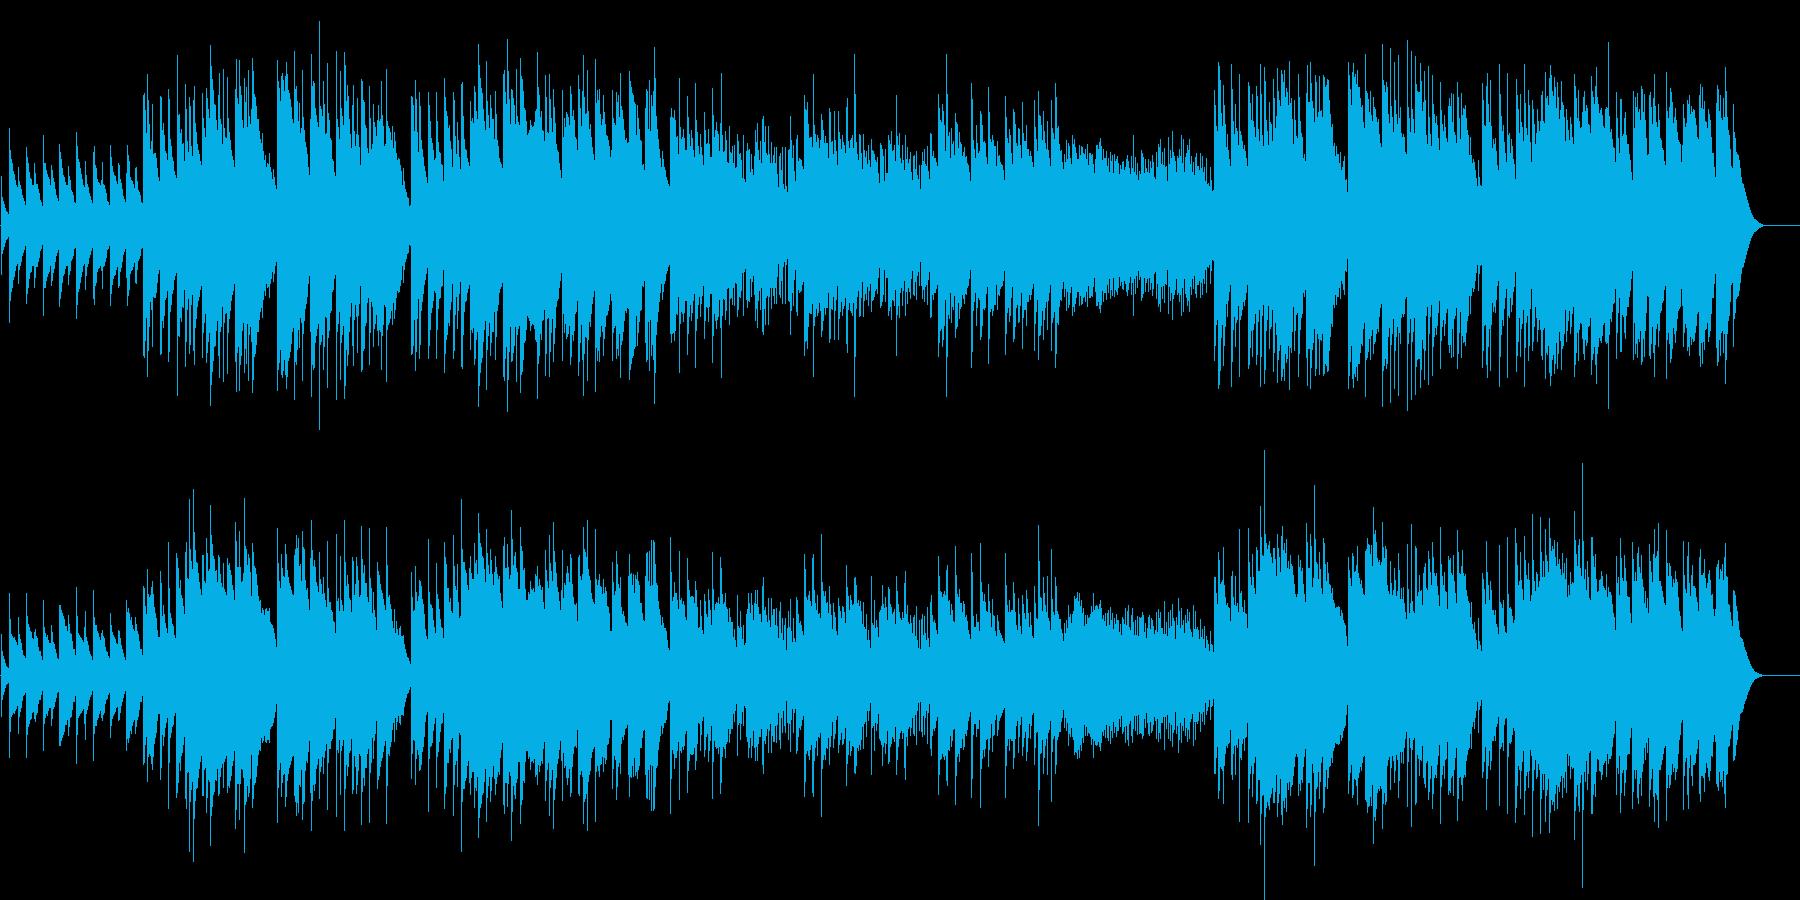 第3曲 金平糖の精の踊り(オルゴール)の再生済みの波形